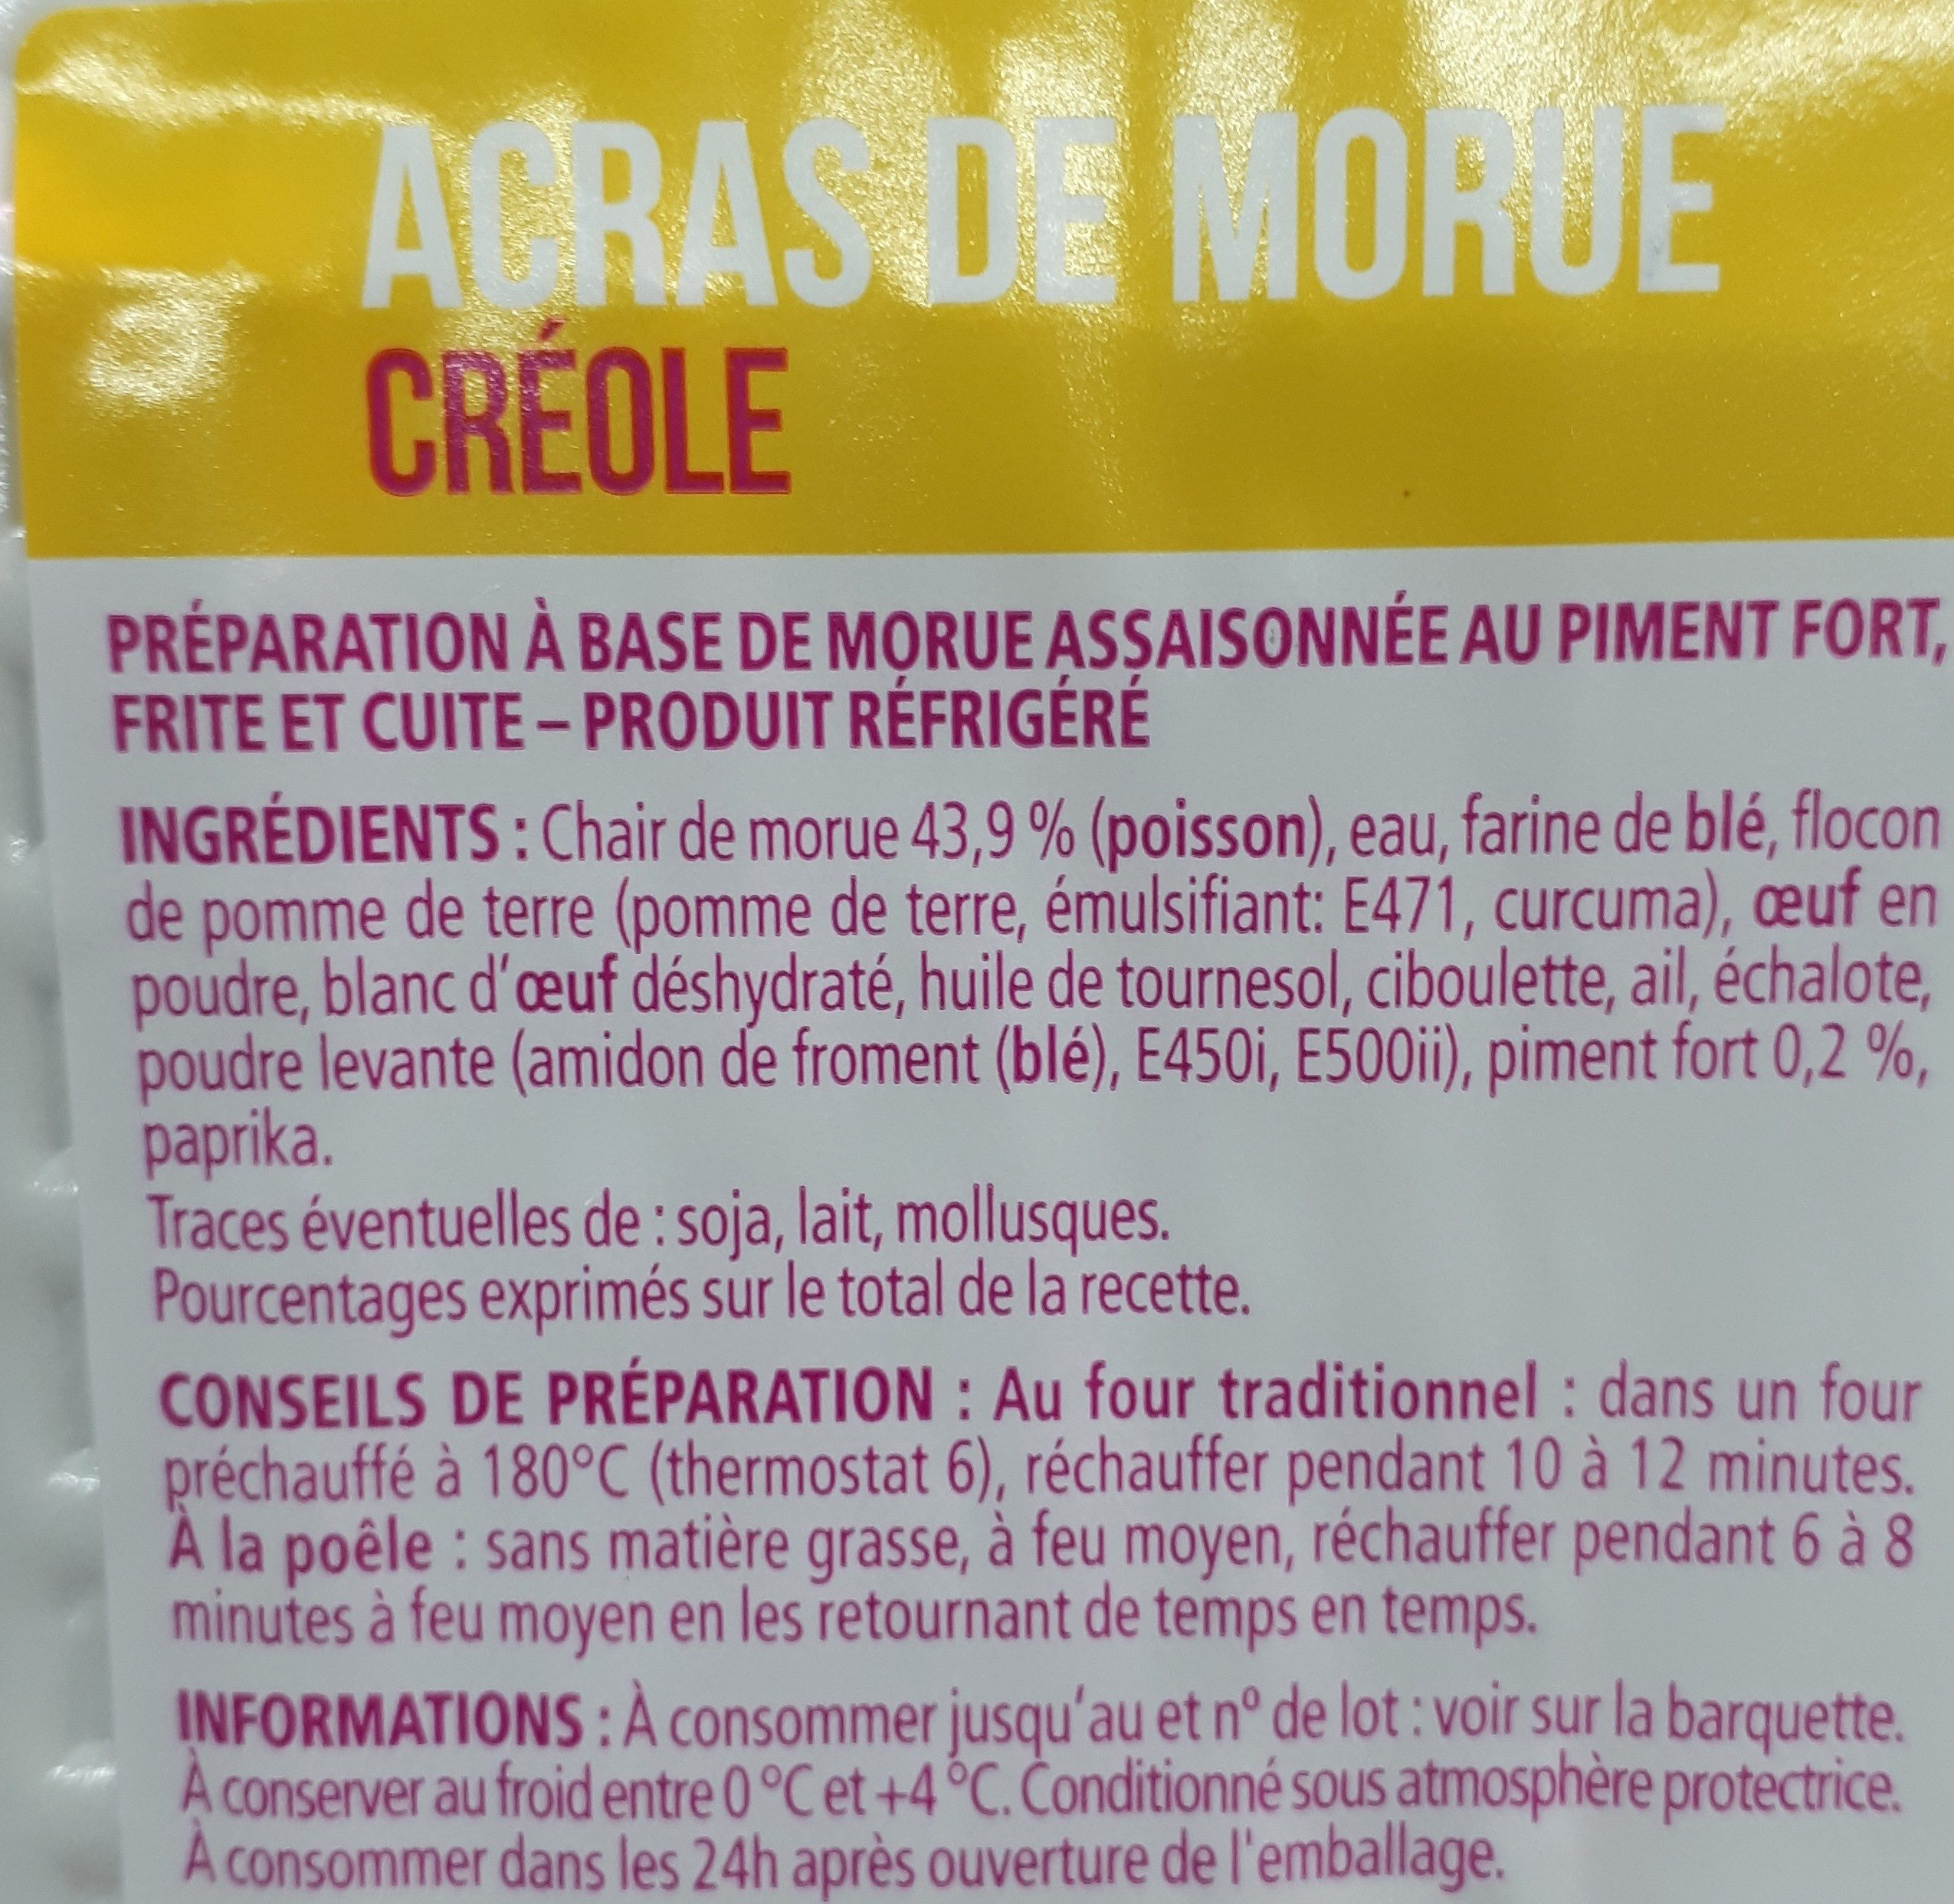 Les Cuisinés, Acras de morue Créole, prêt à réchauffer, la barquette de 200 g - Ingredients